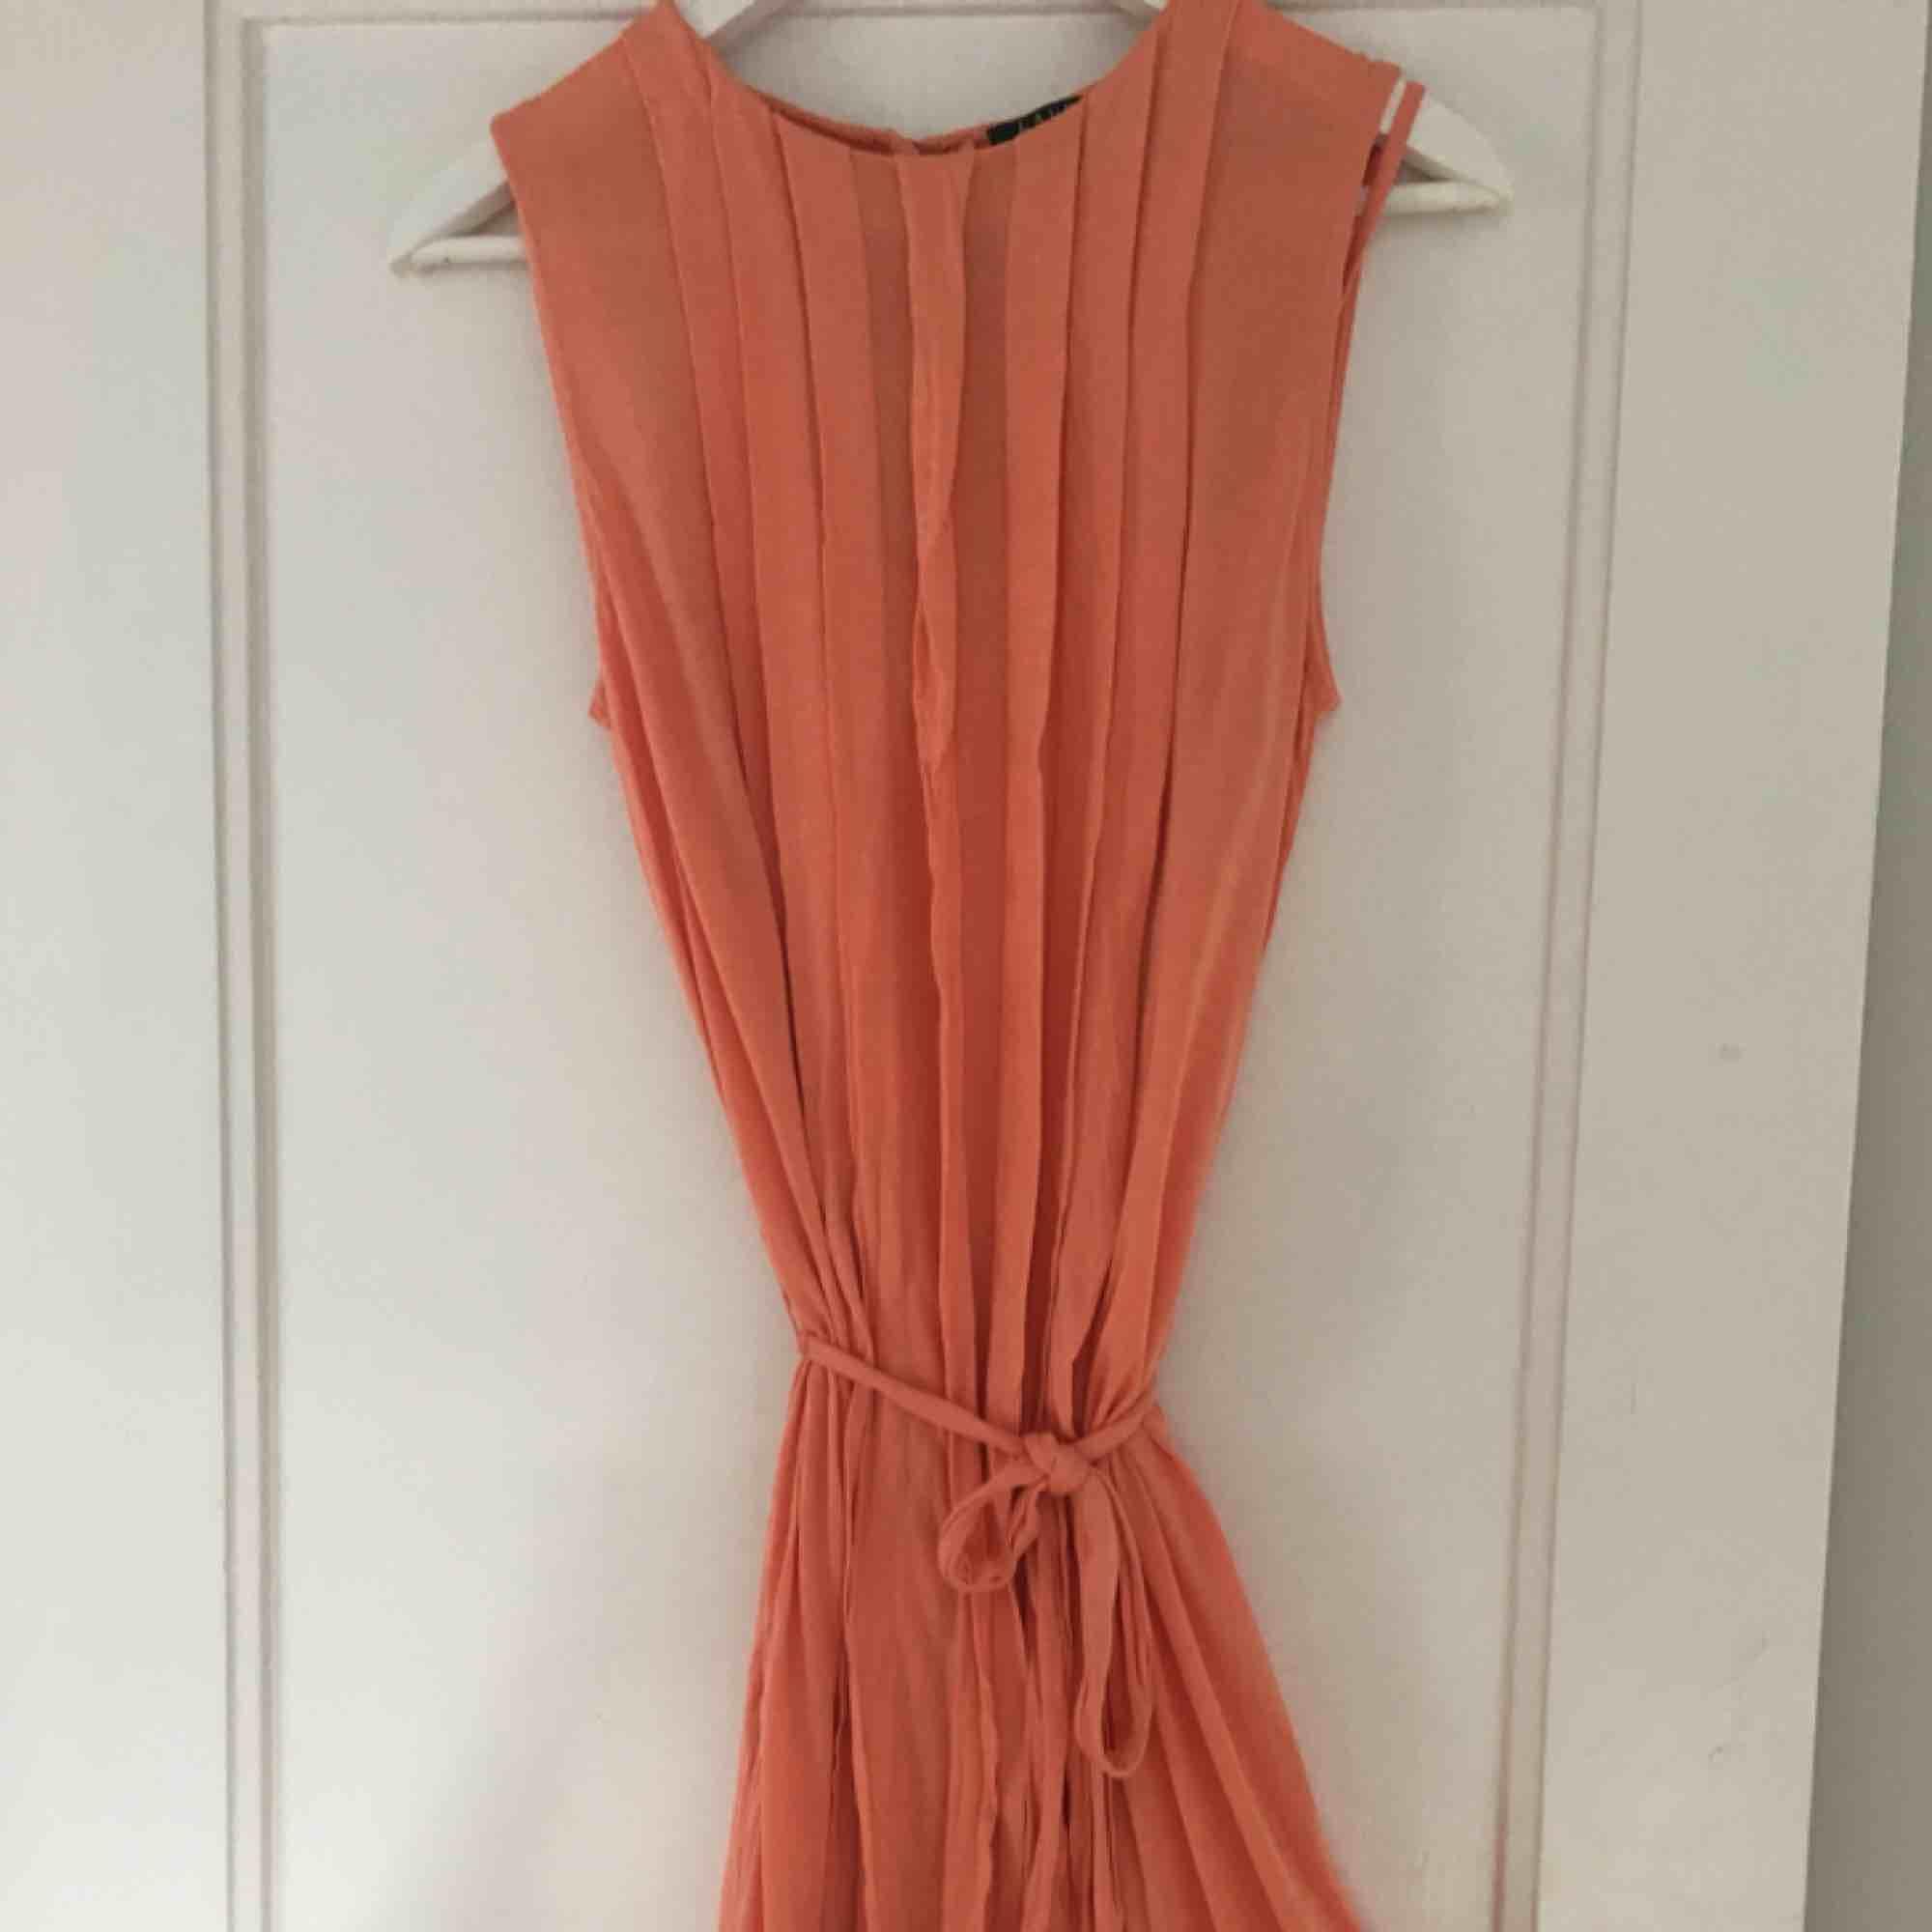 Fin korallfärgad Ralph Lauren klänning i storlek S med knytband runt midjan (går att ta av) . Klänningar.